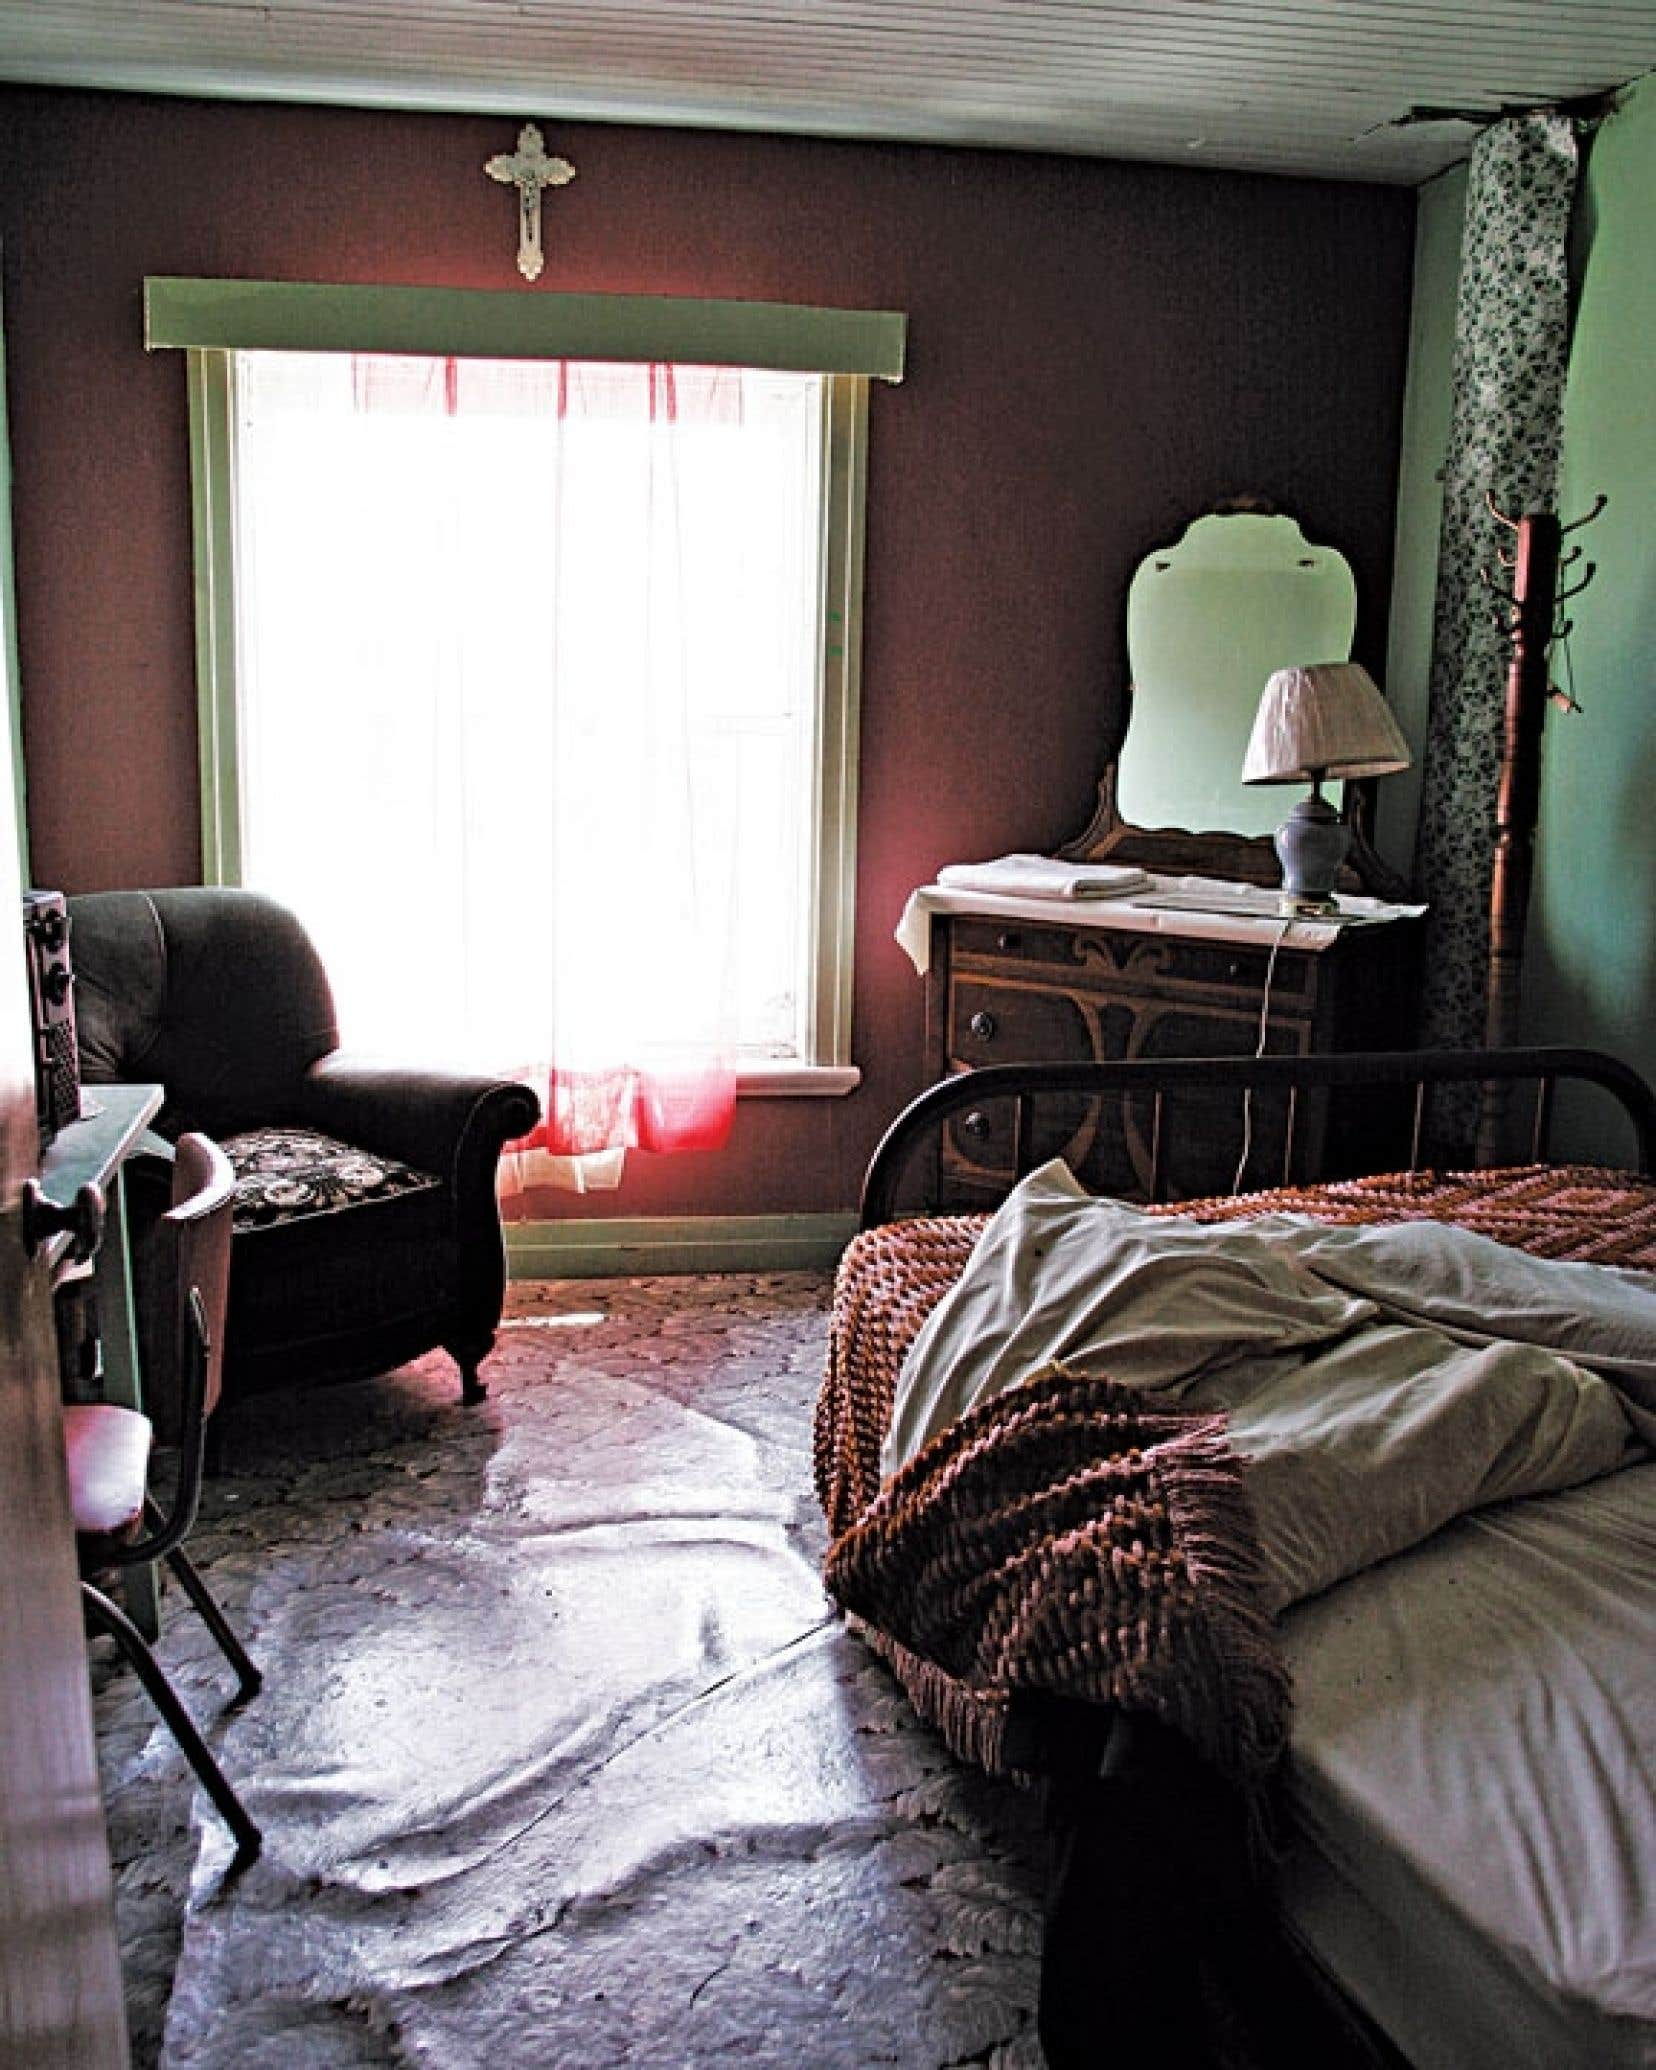 La photographe Julie Gauthier a découvert un hôtel abandonné, où rien n'a bougé depuis des années, sur la 138, quelque part entre Québec et Montréal. Jouant l'archéologue et l'anthropologue, elle a sorti son appareil photo pour saisir l'âme de cet endroit aussi beau que décadent.